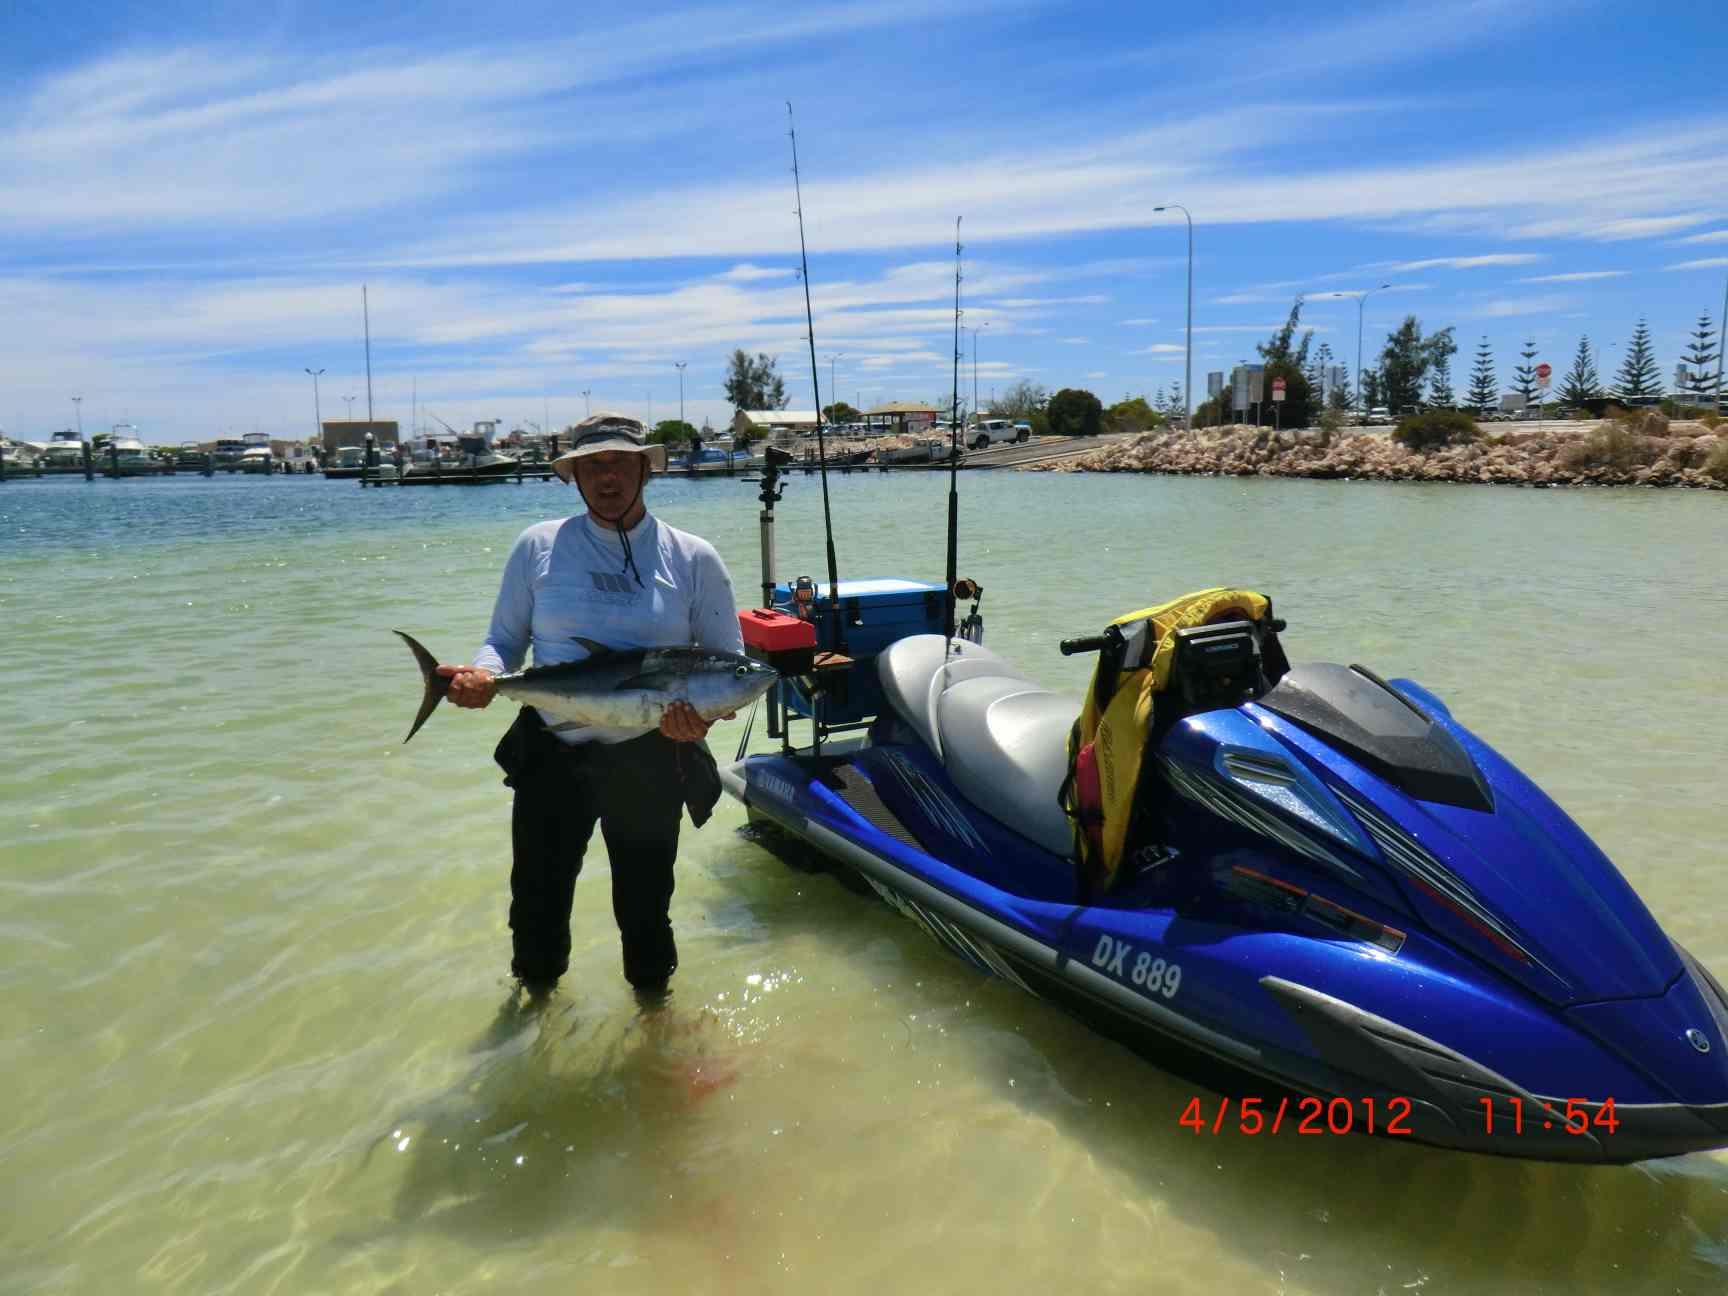 Jurien bay jetski fishing trip pictures fishing for Fishing jet ski